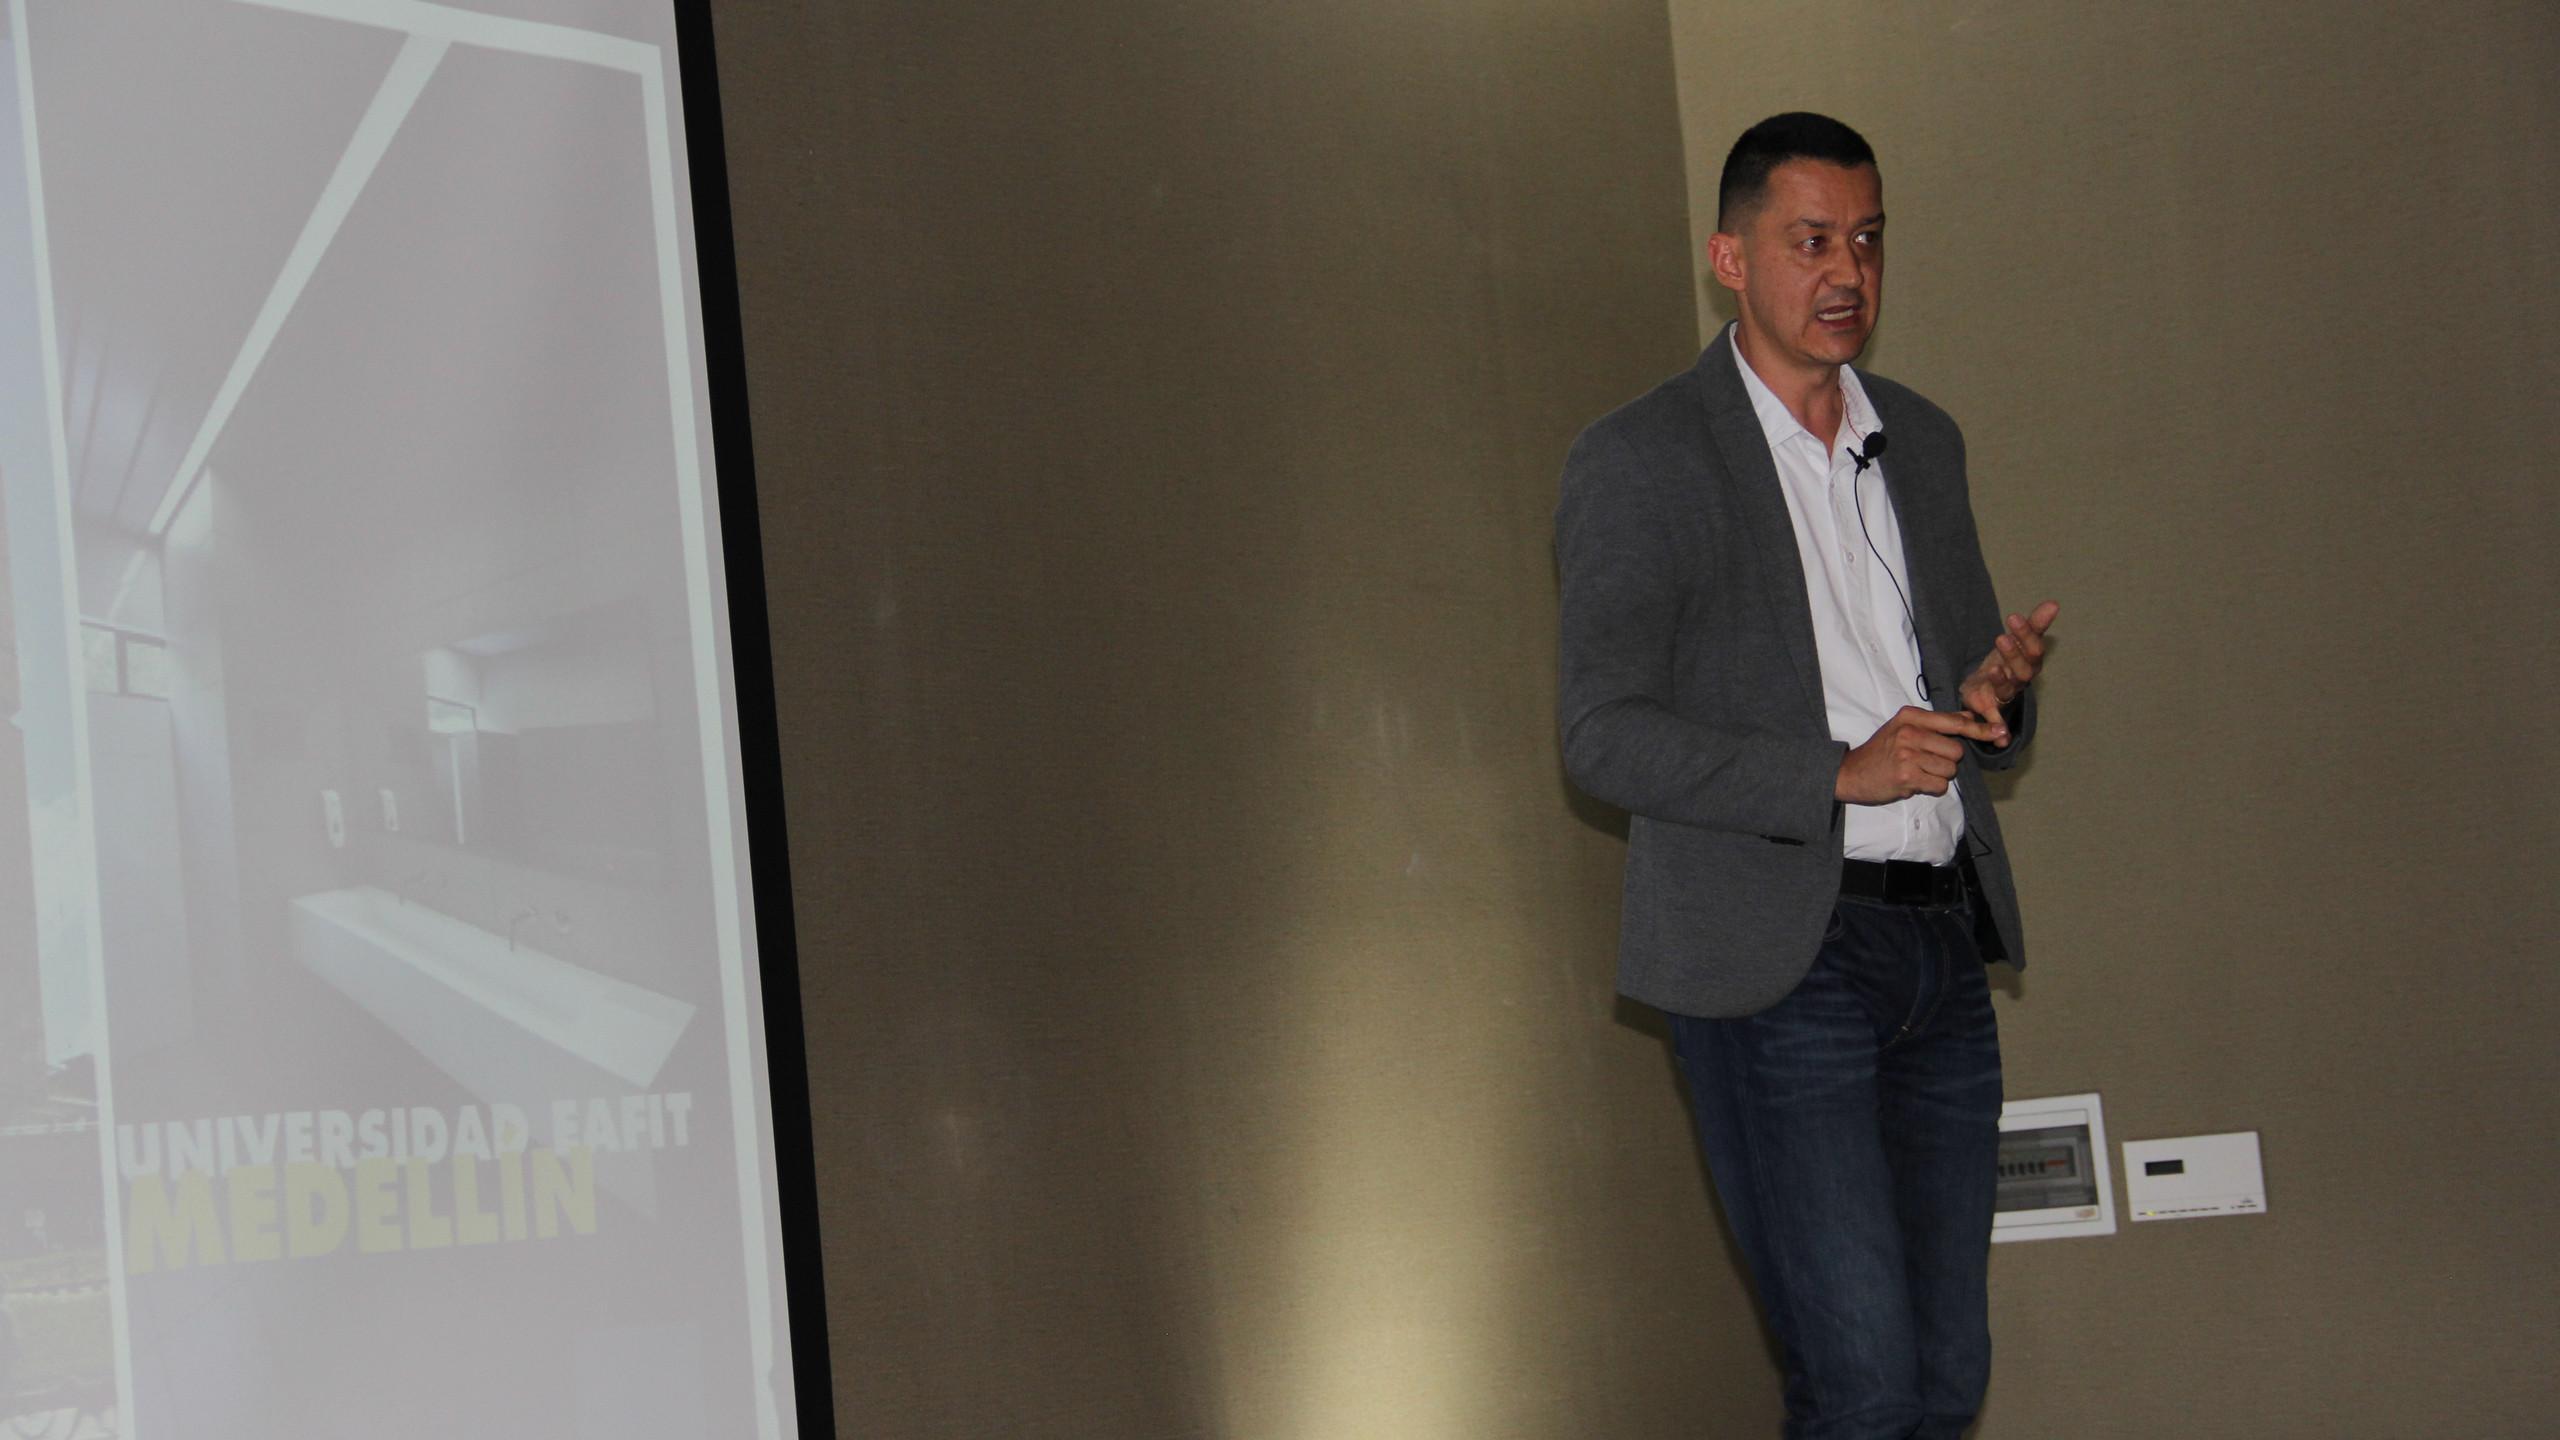 Andrés Areiza, Jefe de Innovación Panamericano en Corona, explica los hallazgos del intraemprendimiento de Corona que participó en la Aceleradora